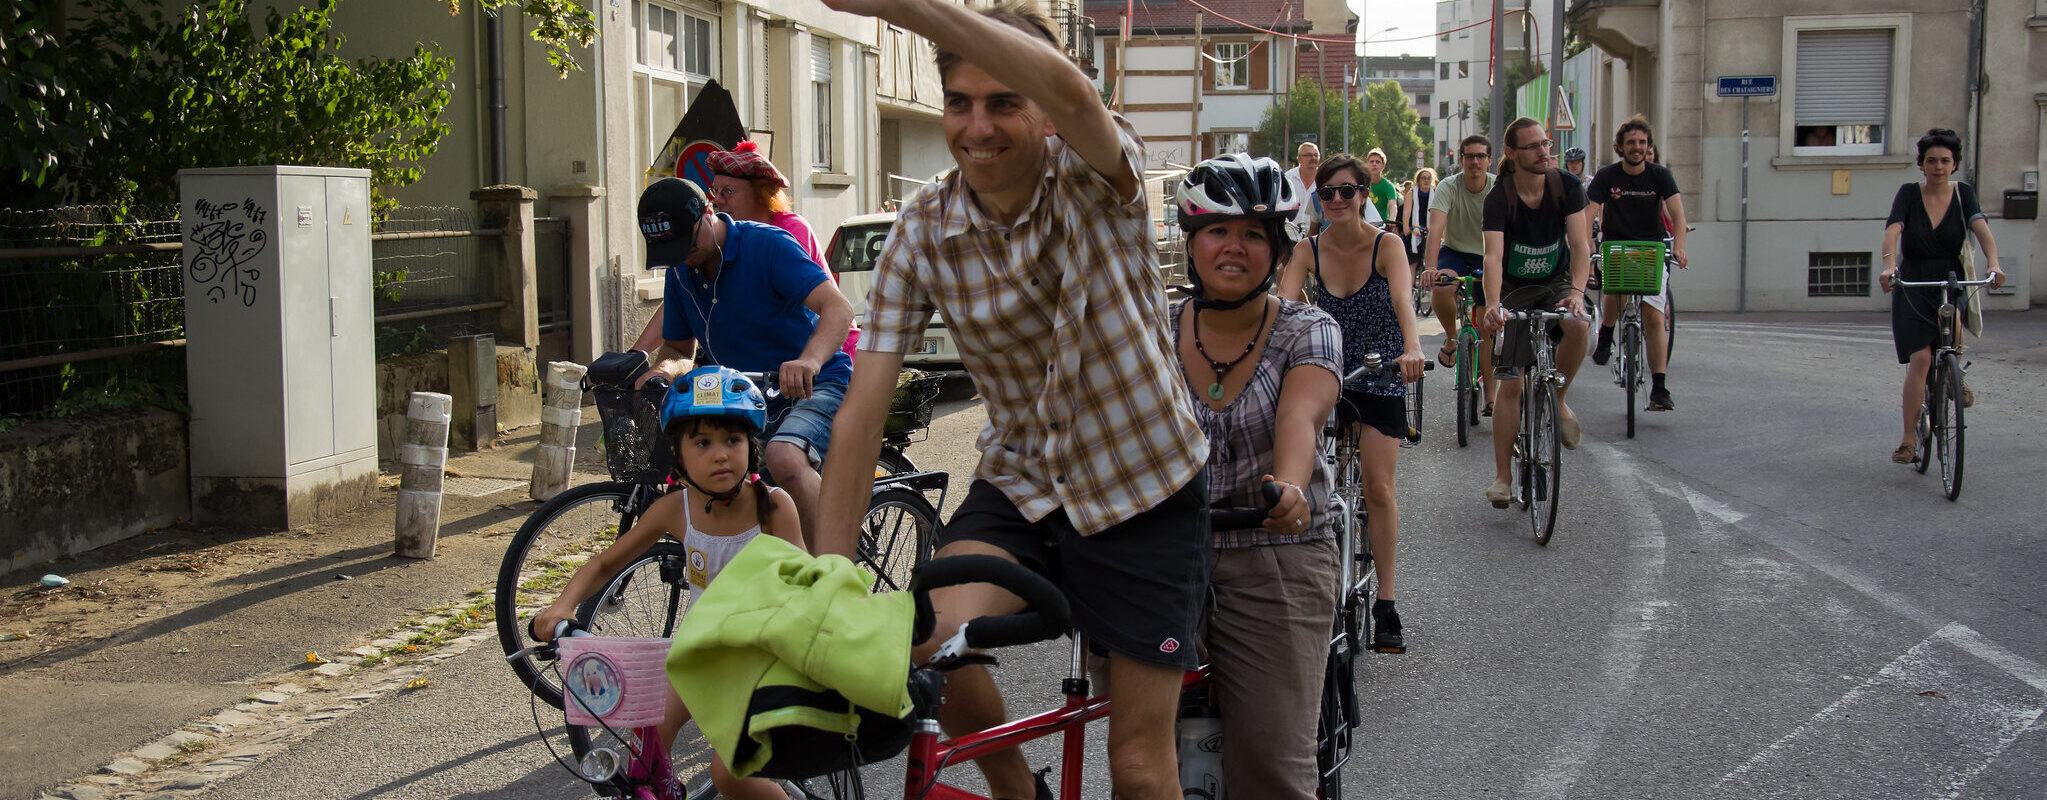 Dimanche, une manifestation à vélo pour plus d'aménagements cyclables à Koenigshoffen